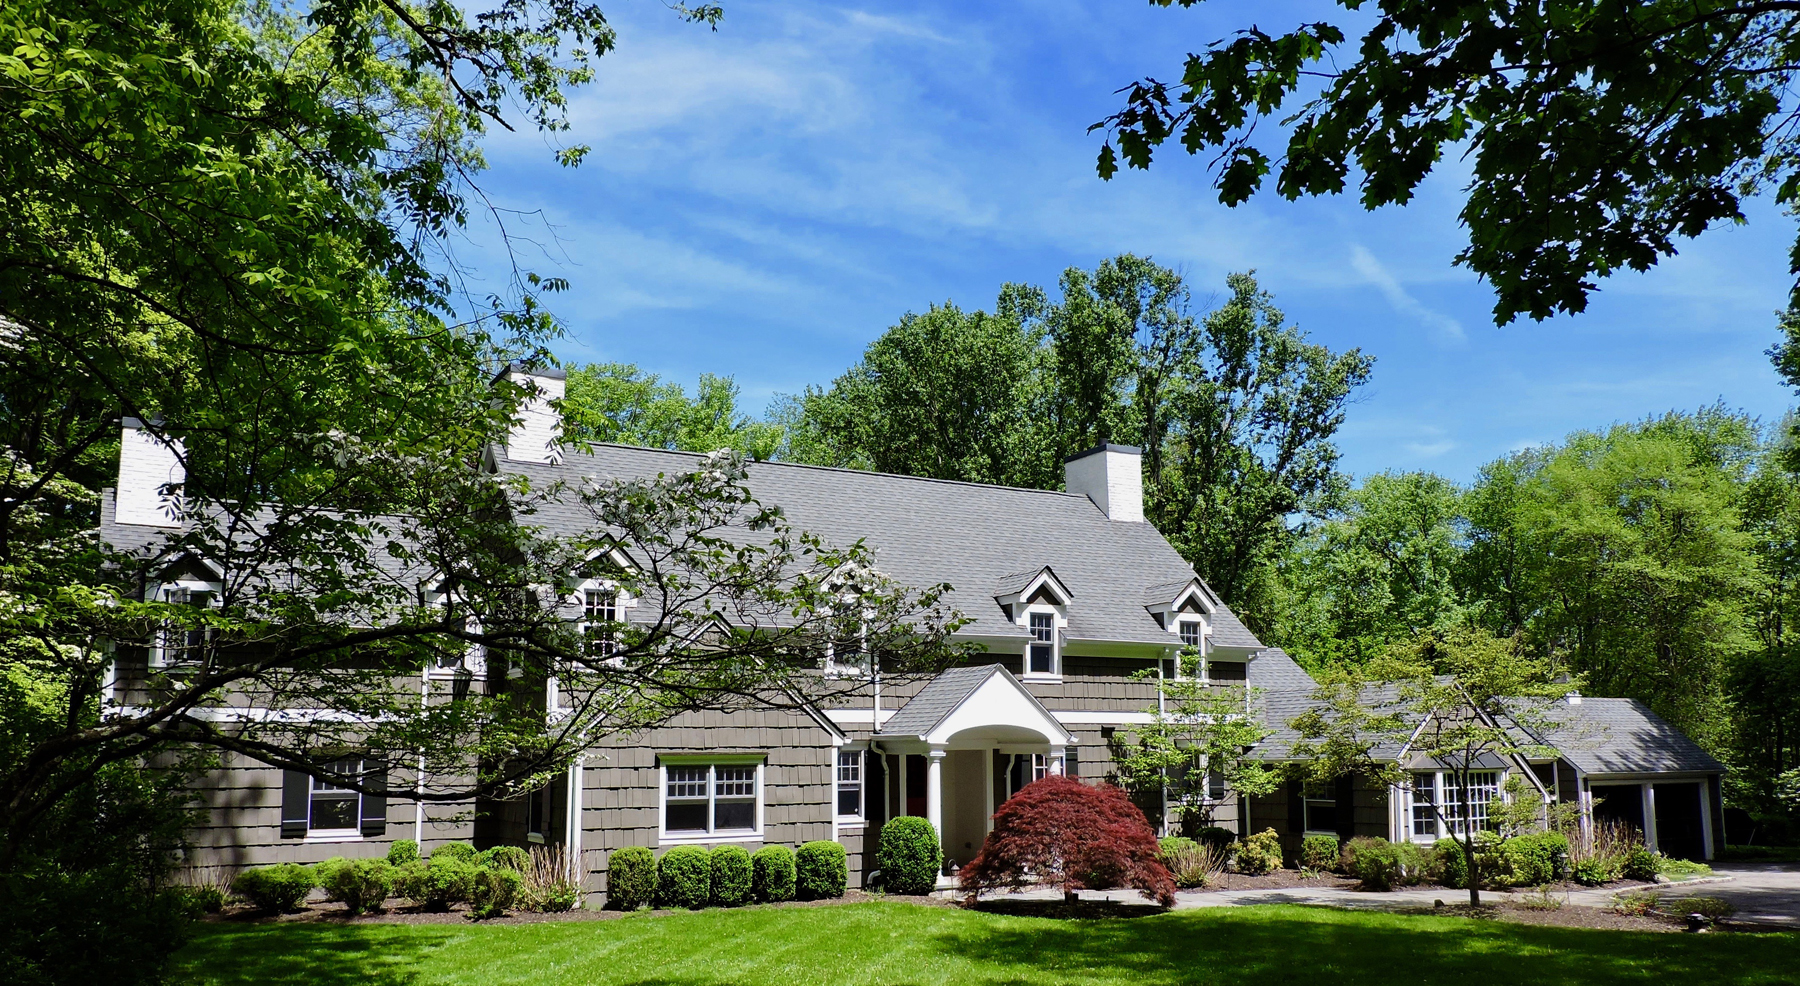 Casa Unifamiliar por un Venta en Charm & Character 279 Upper Shad Road Pound Ridge, Nueva York 10576 Estados Unidos